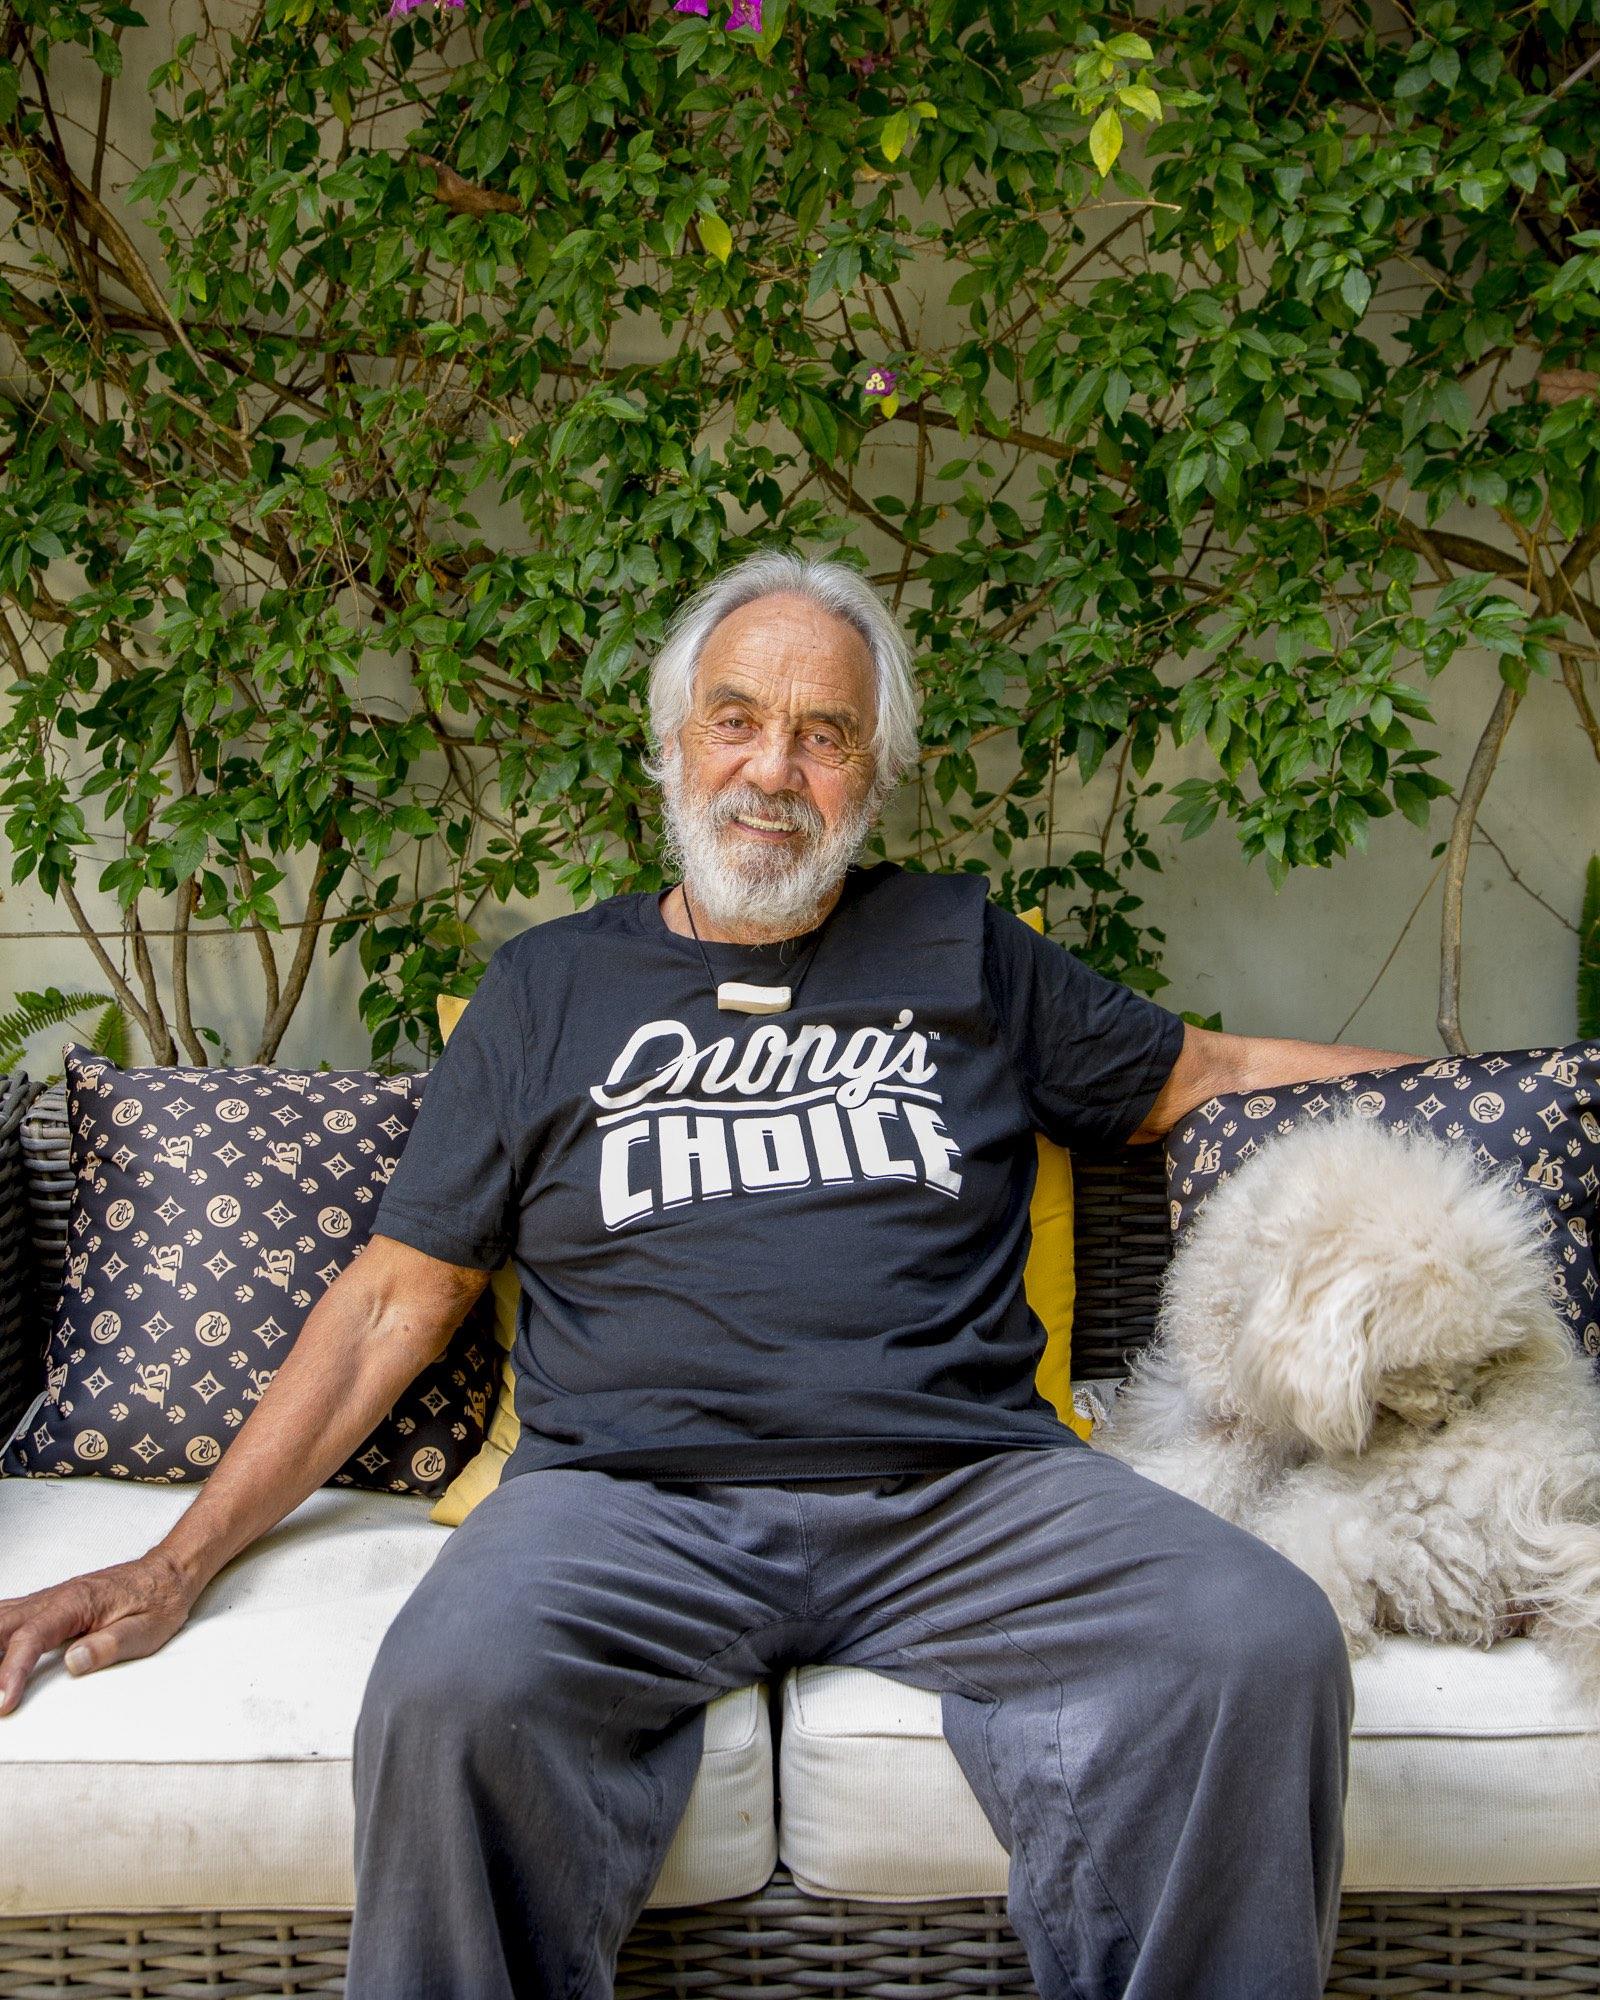 Tommy Chong at his home, July 2018. (Image courtesy of Maria Penaloza)